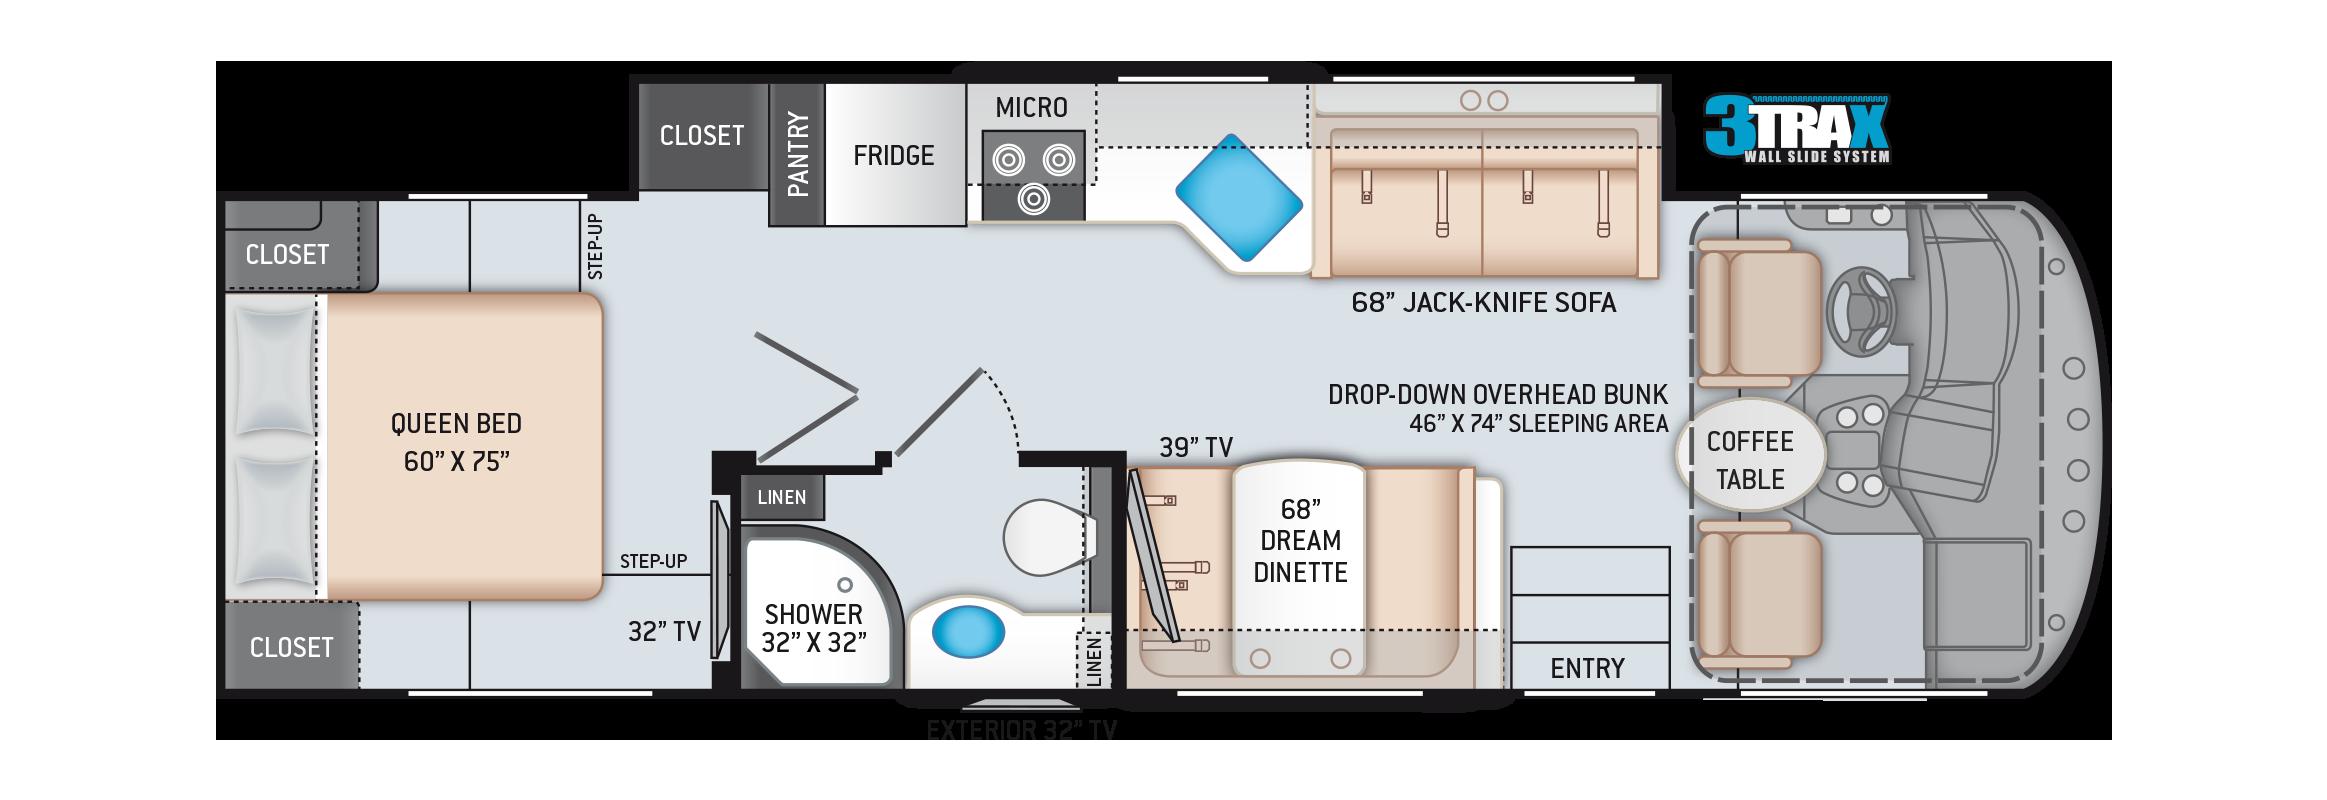 A.C.E. Class A Motorhome 30.4 Floor Plan